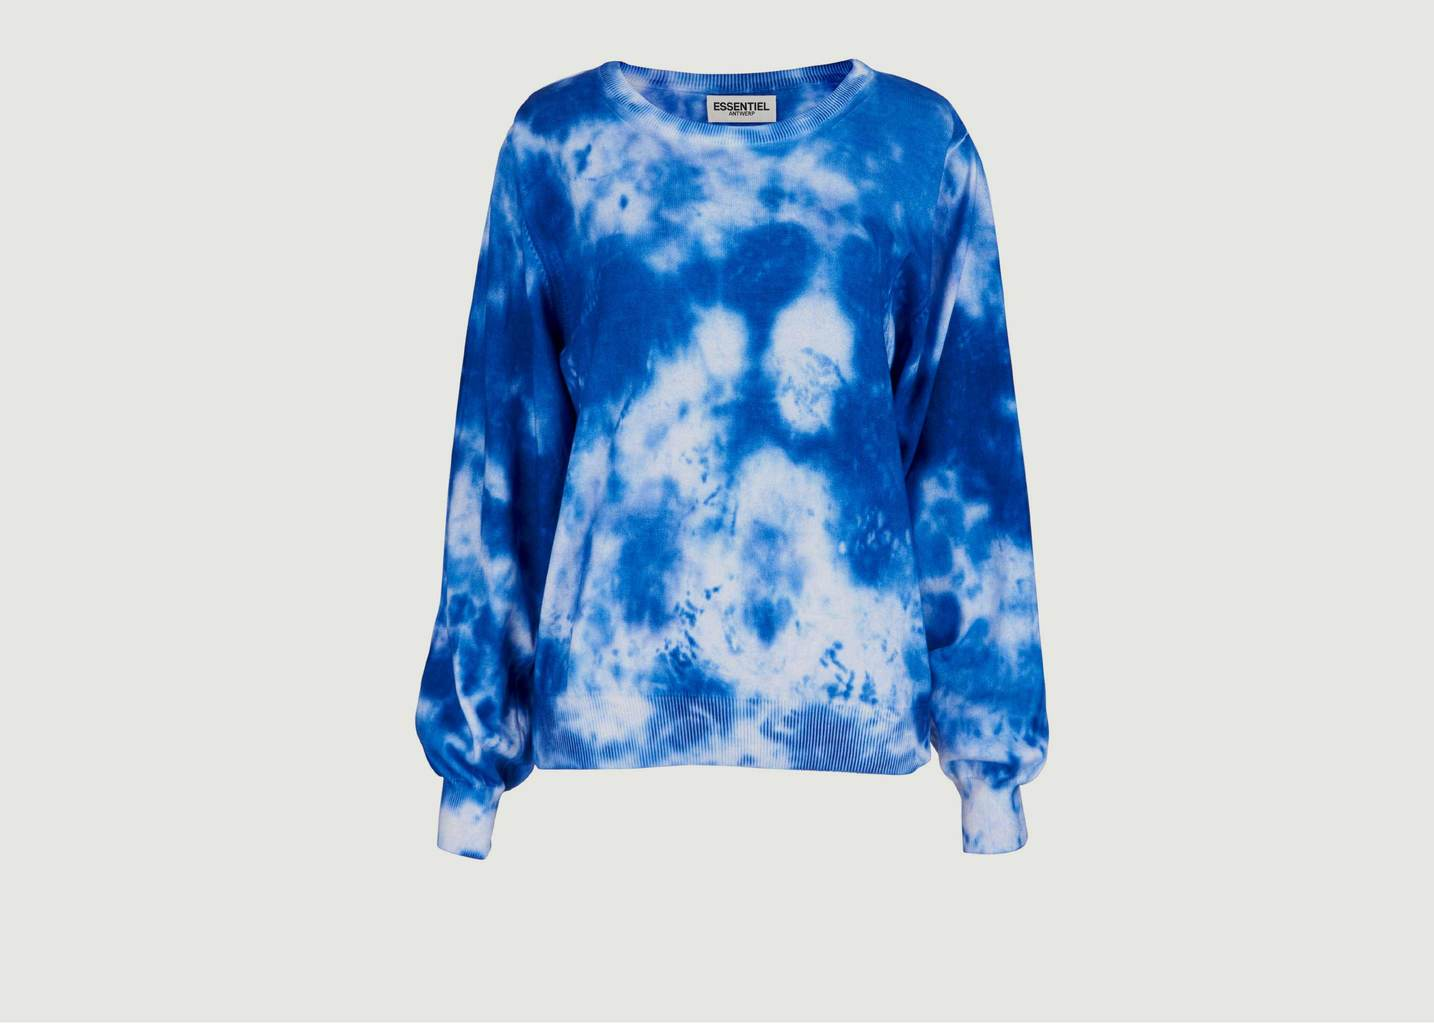 Sweatshirt Coton Verneuil Imprimé Tie and Dye - Essentiel Antwerp